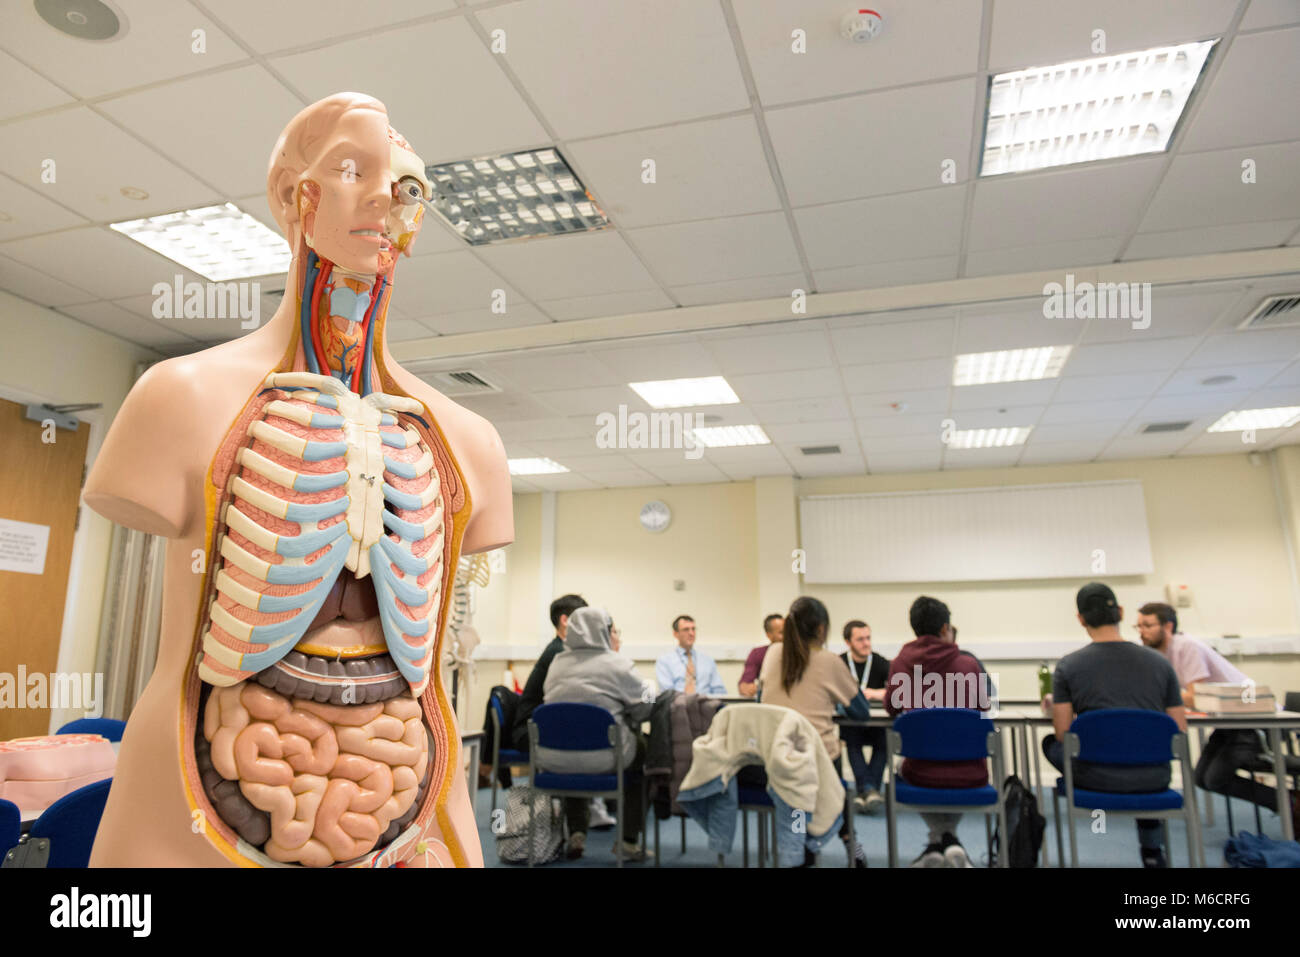 Ayudas para la formación médica en un aula de enseñanza de la ...